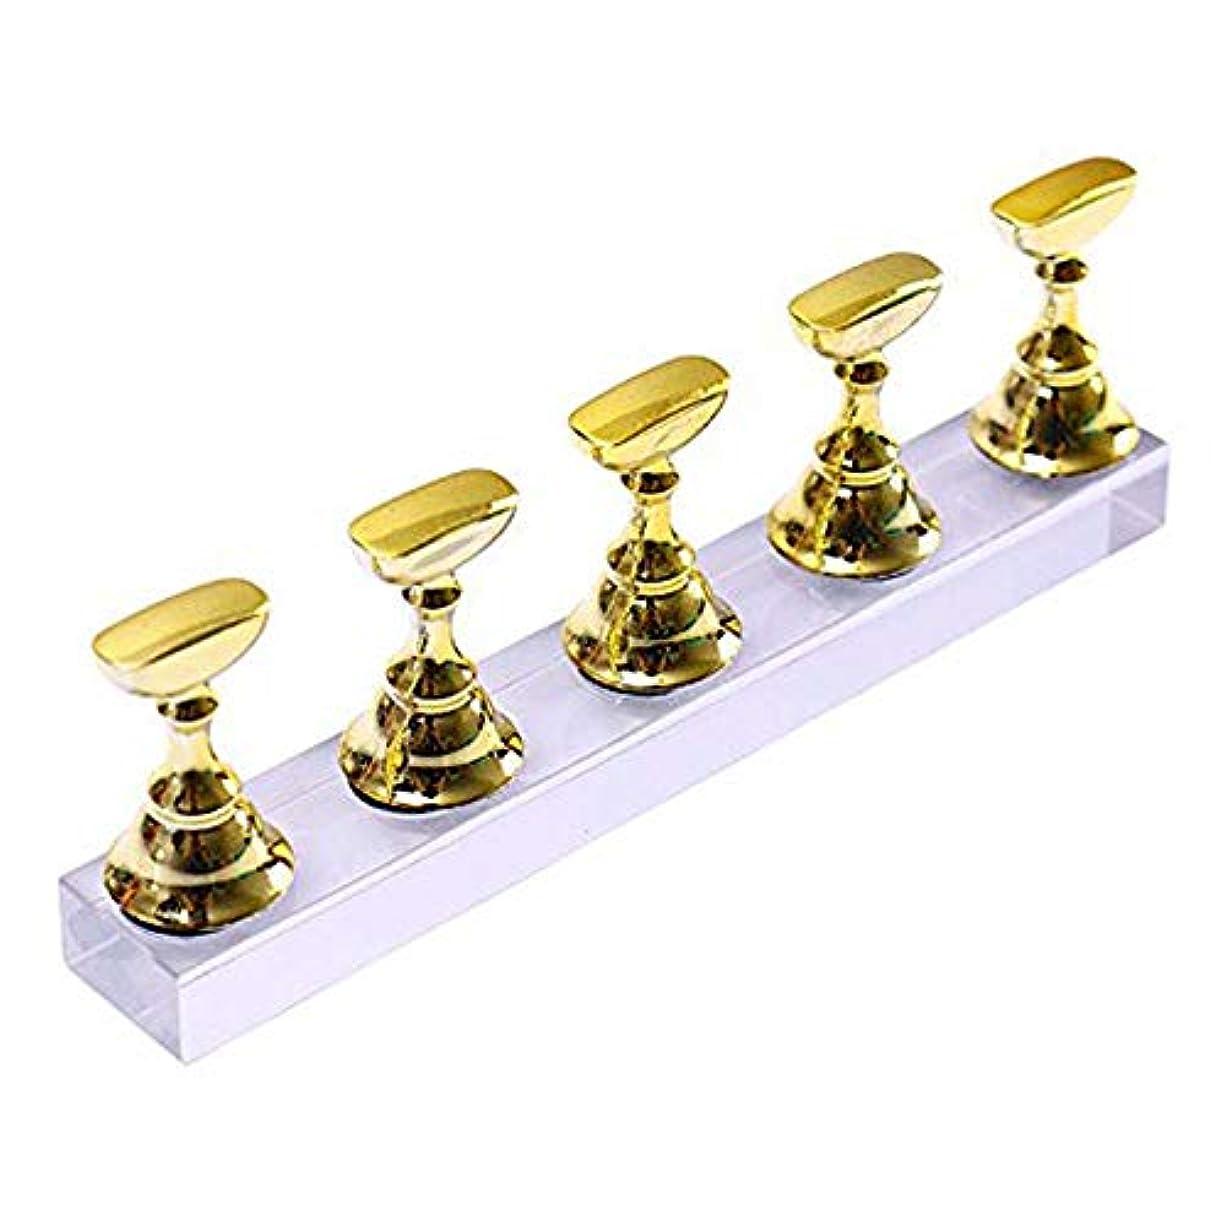 魅惑的な安西ネクタイネイルチップディスプレイスタンドセット 磁気 ネイルアート道具 サンプルチップ ネイルアート用品